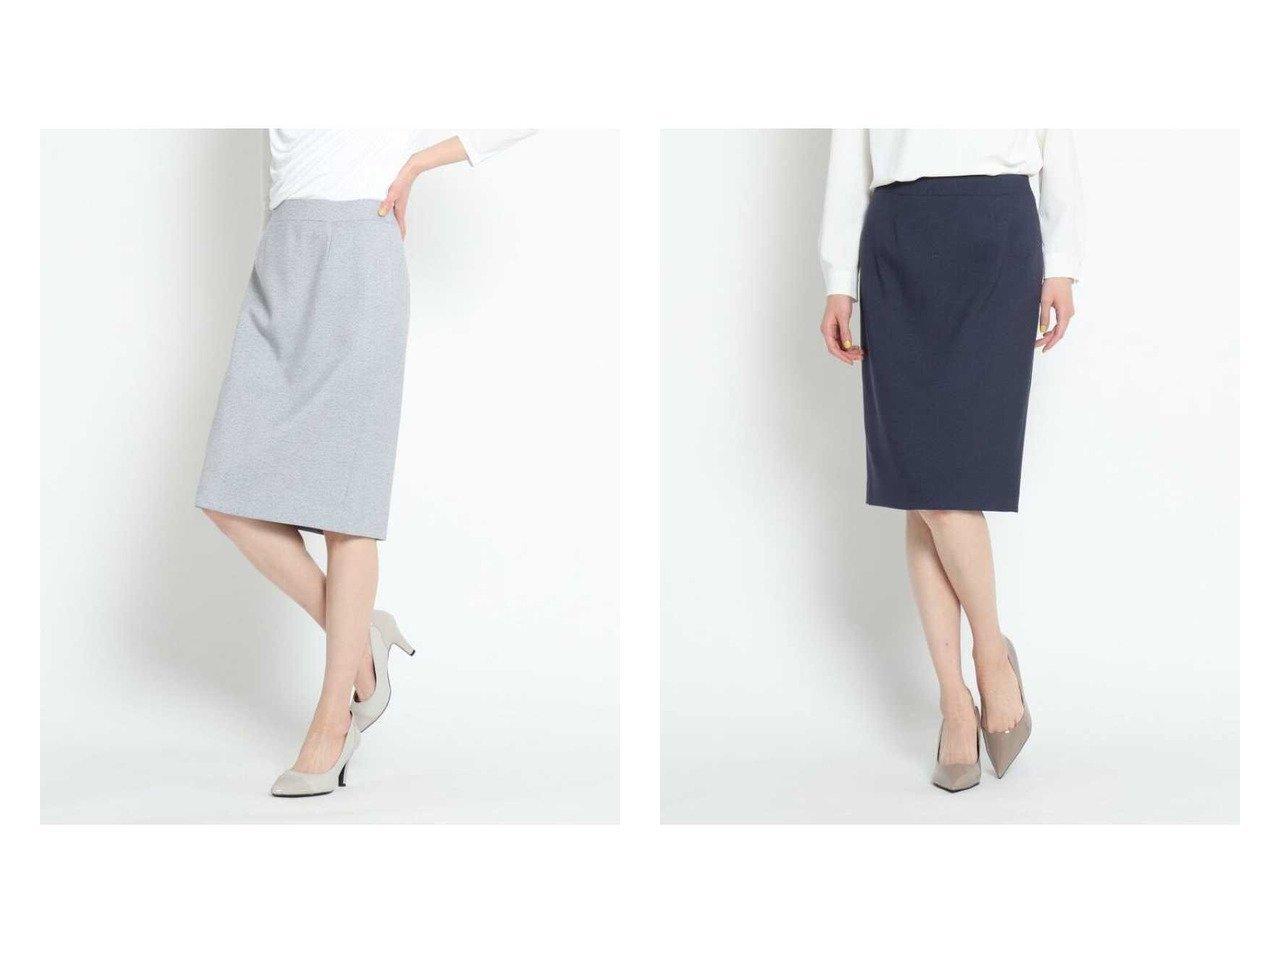 【COUP DE CHANCE/クード シャンス】の【洗える】タンブルツィードタイトスカート 【スカート】おすすめ!人気、トレンド・レディースファッションの通販 おすすめで人気の流行・トレンド、ファッションの通販商品 メンズファッション・キッズファッション・インテリア・家具・レディースファッション・服の通販 founy(ファニー) https://founy.com/ ファッション Fashion レディースファッション WOMEN スカート Skirt NEW・新作・新着・新入荷 New Arrivals ジャケット ストレッチ セットアップ タイトスカート ツイード 洗える |ID:crp329100000028458